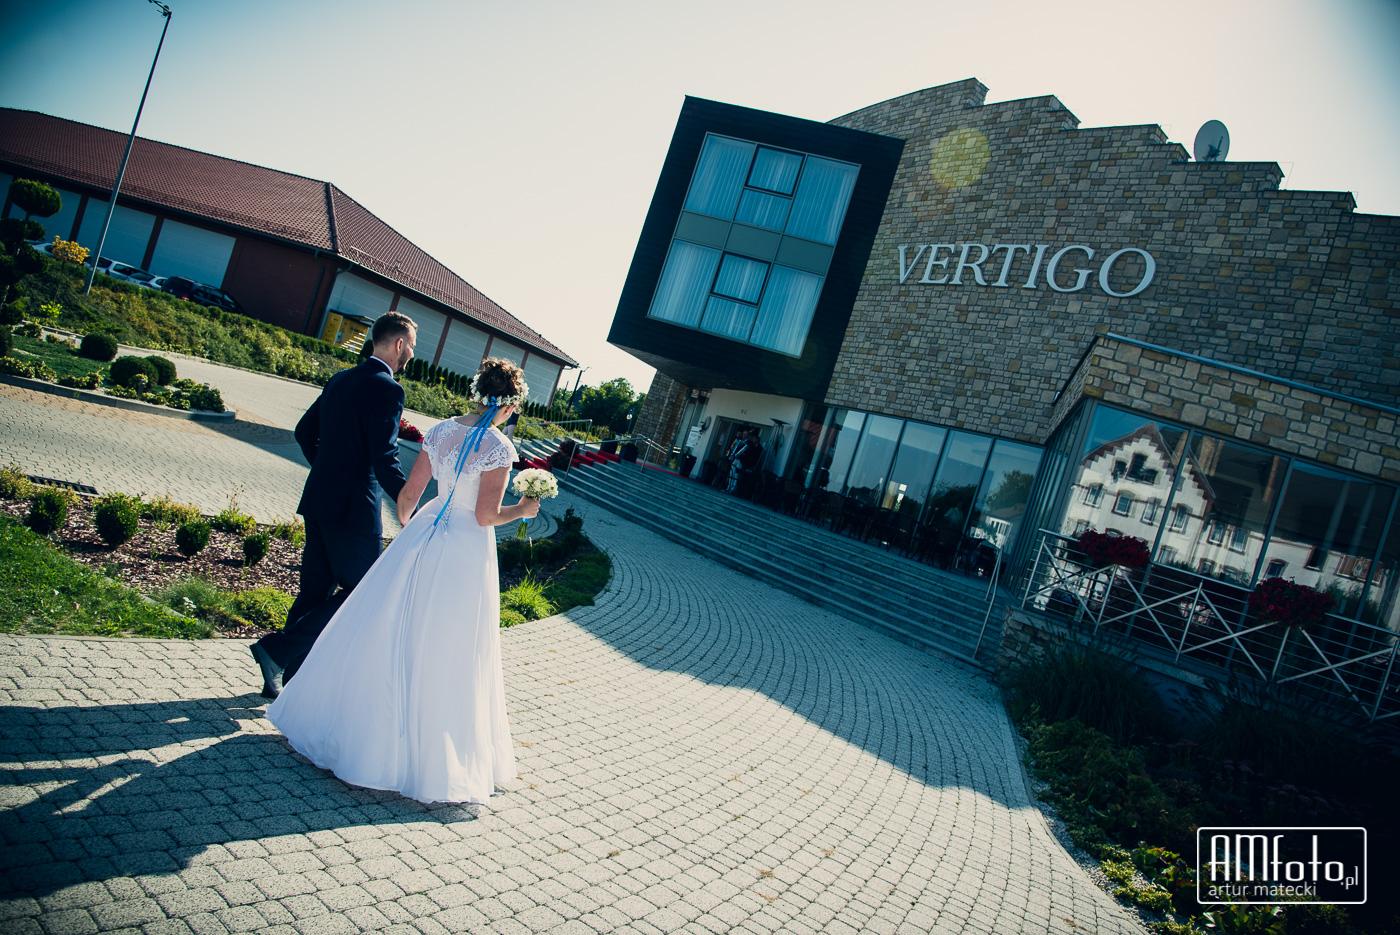 0361_Renata&Jakub_fotoreportaz_zdzieszowice_gogolin_hotel_vertigo____www-amfoto-pl__AMF_7675.jpg